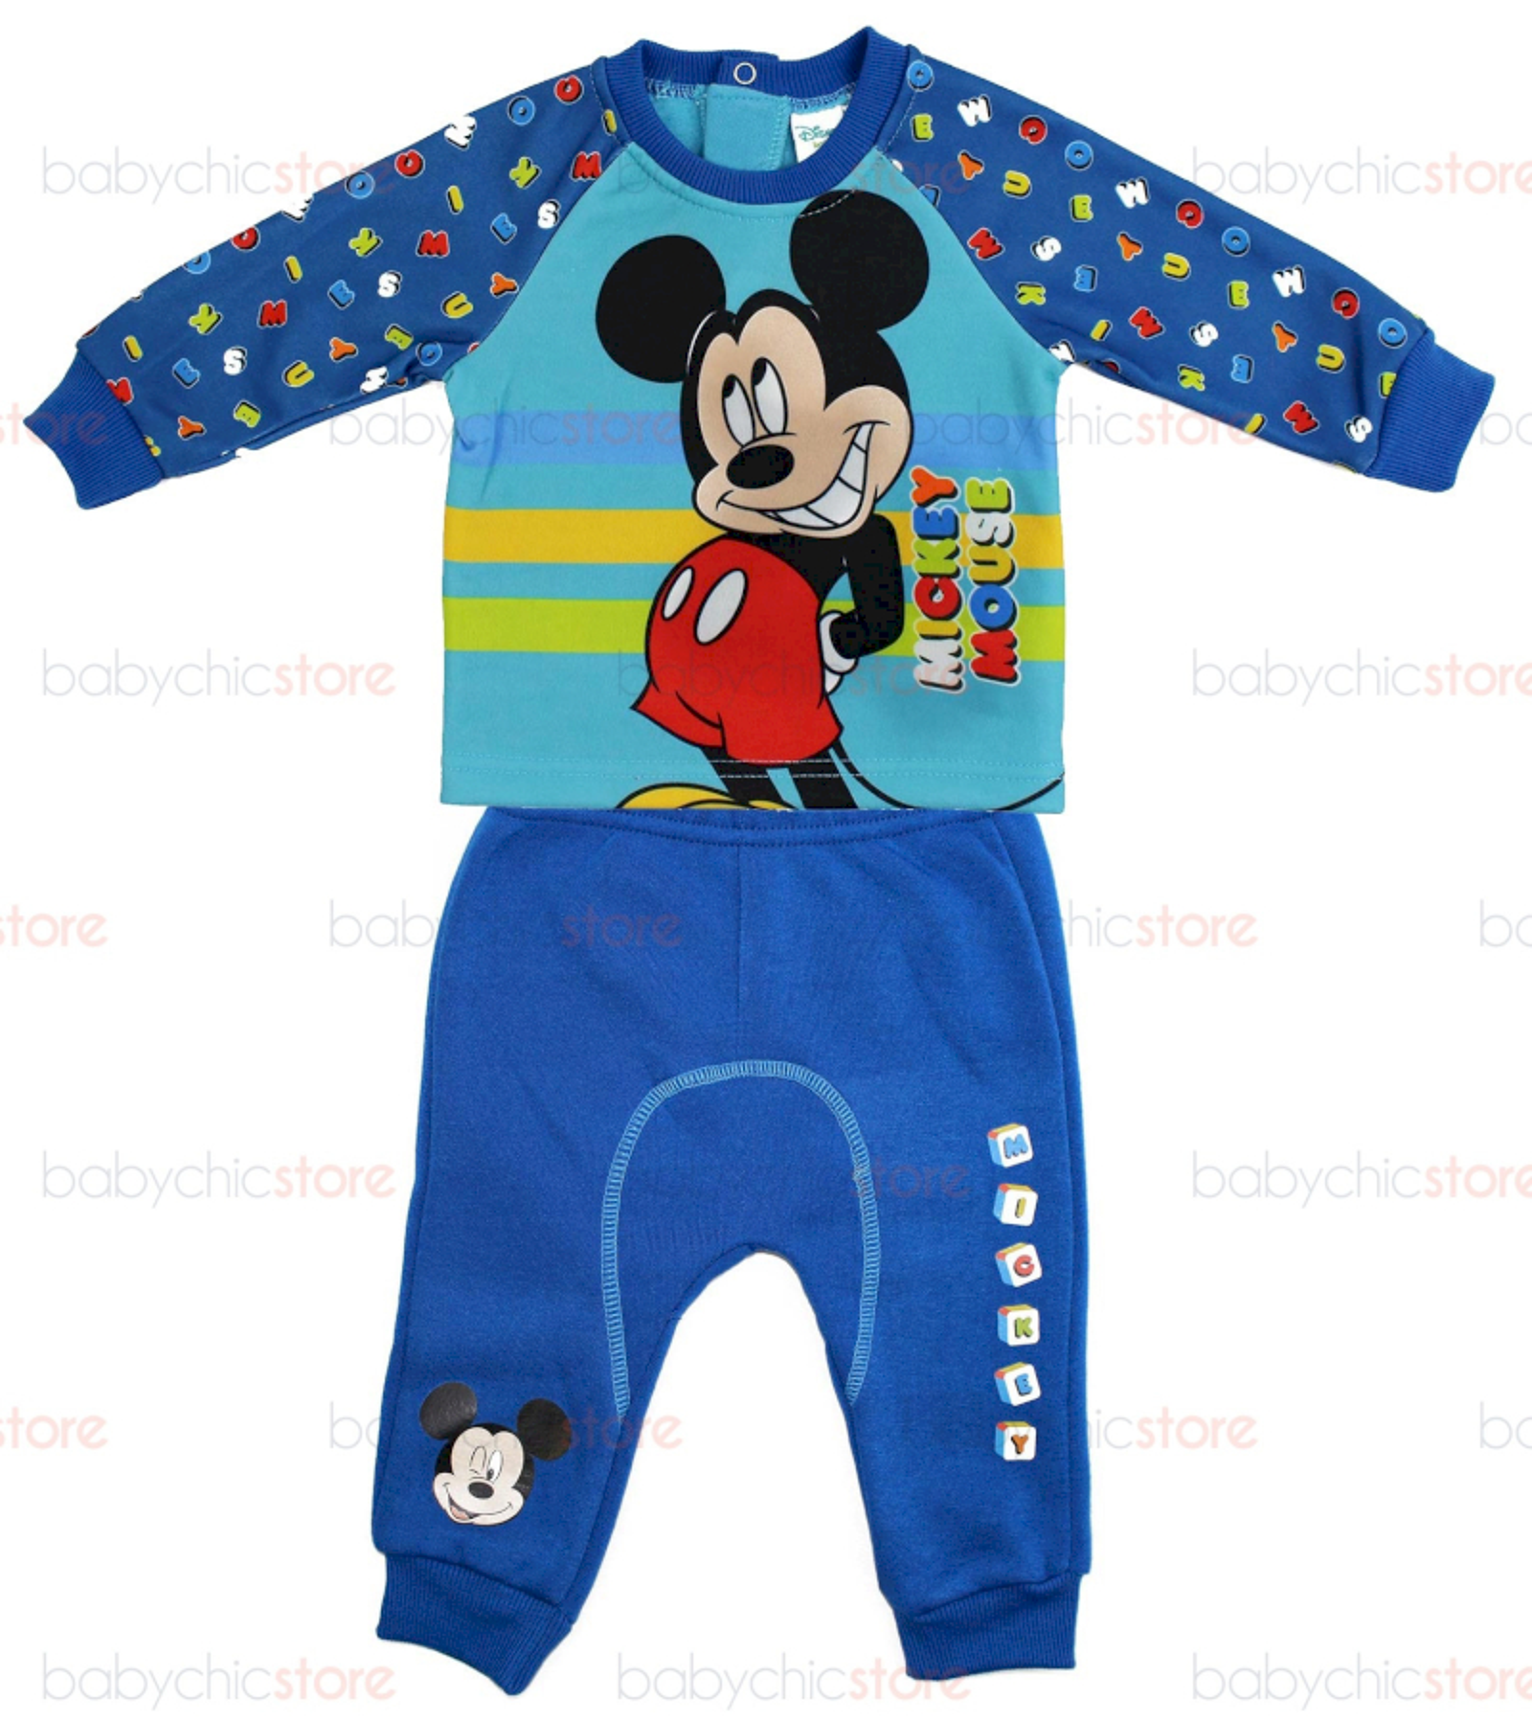 Tuta Neonato Mickey Mouse Blu/Azzurro - 23 Mesi